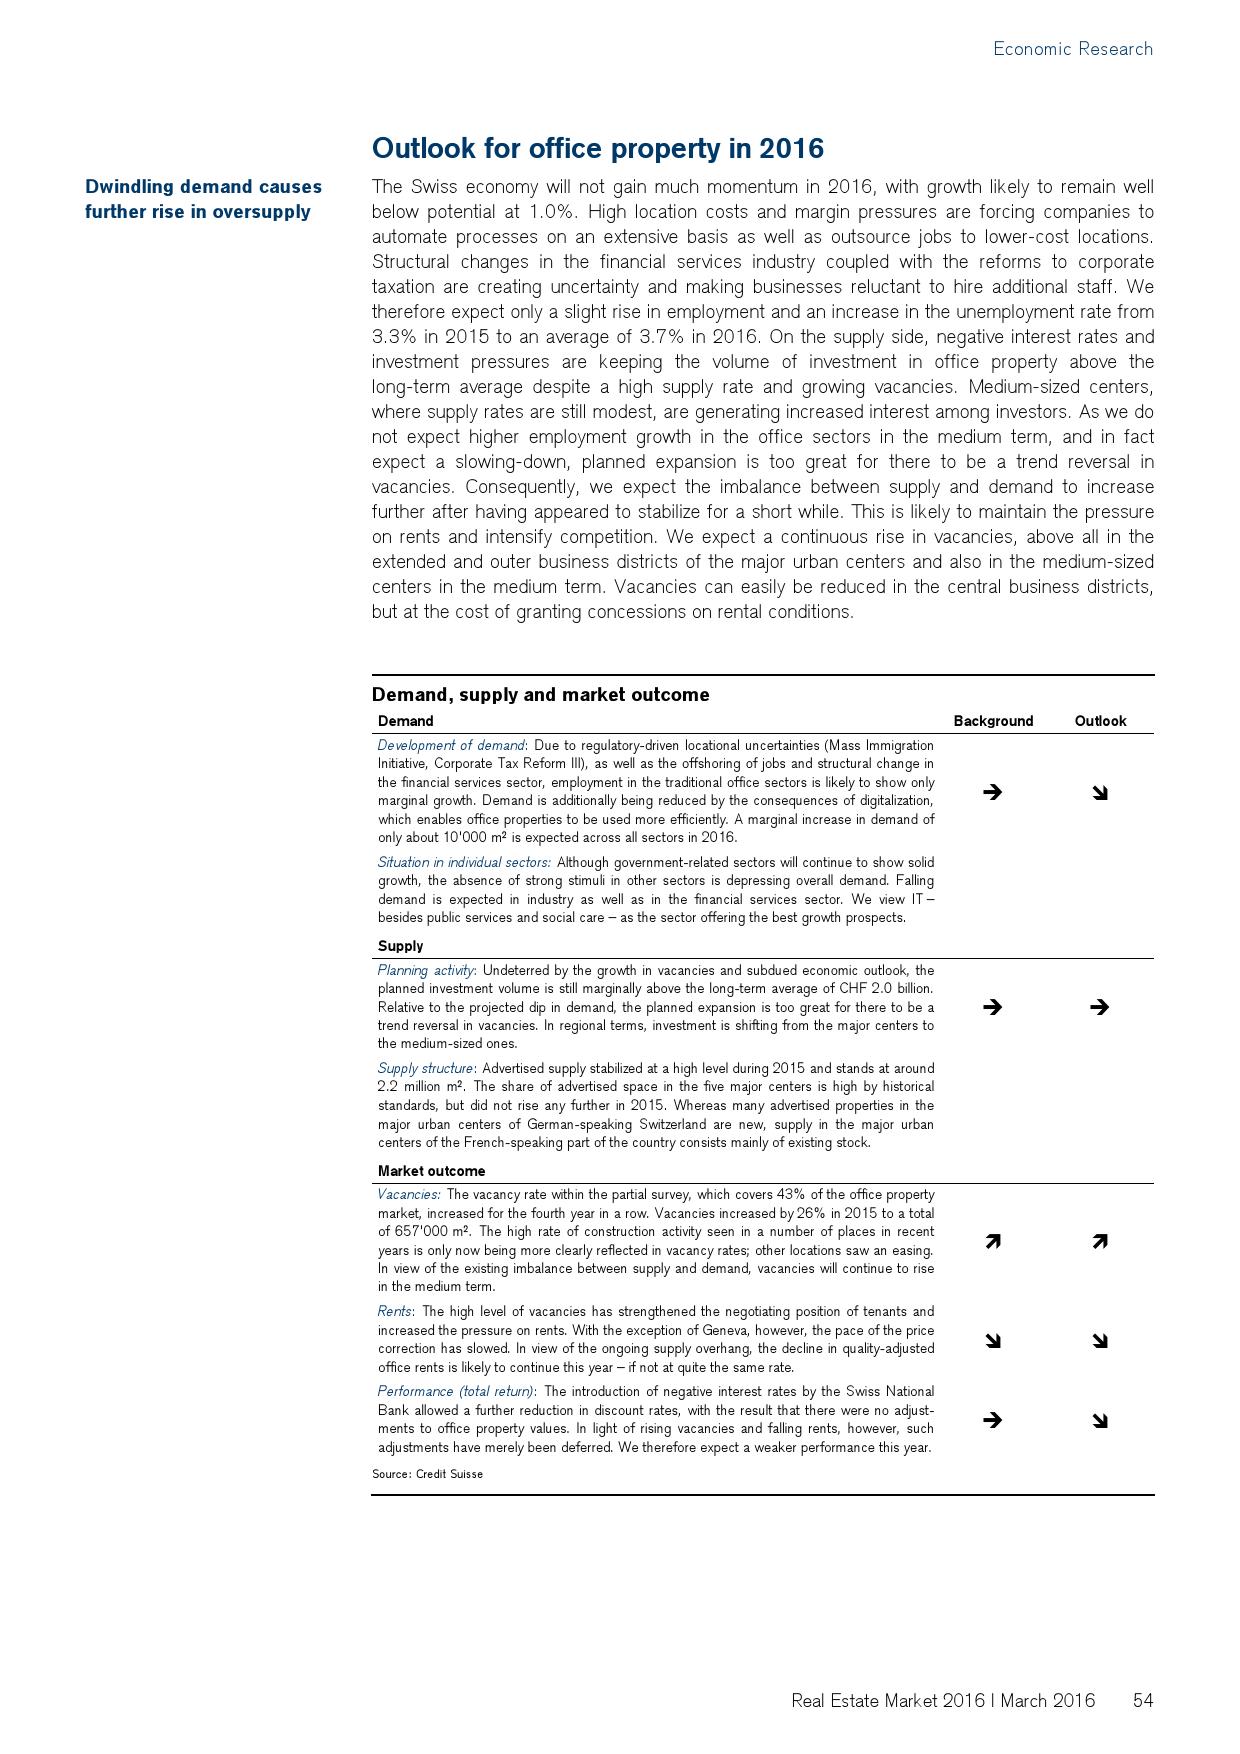 2016年瑞士房地产市场研究报告_000054